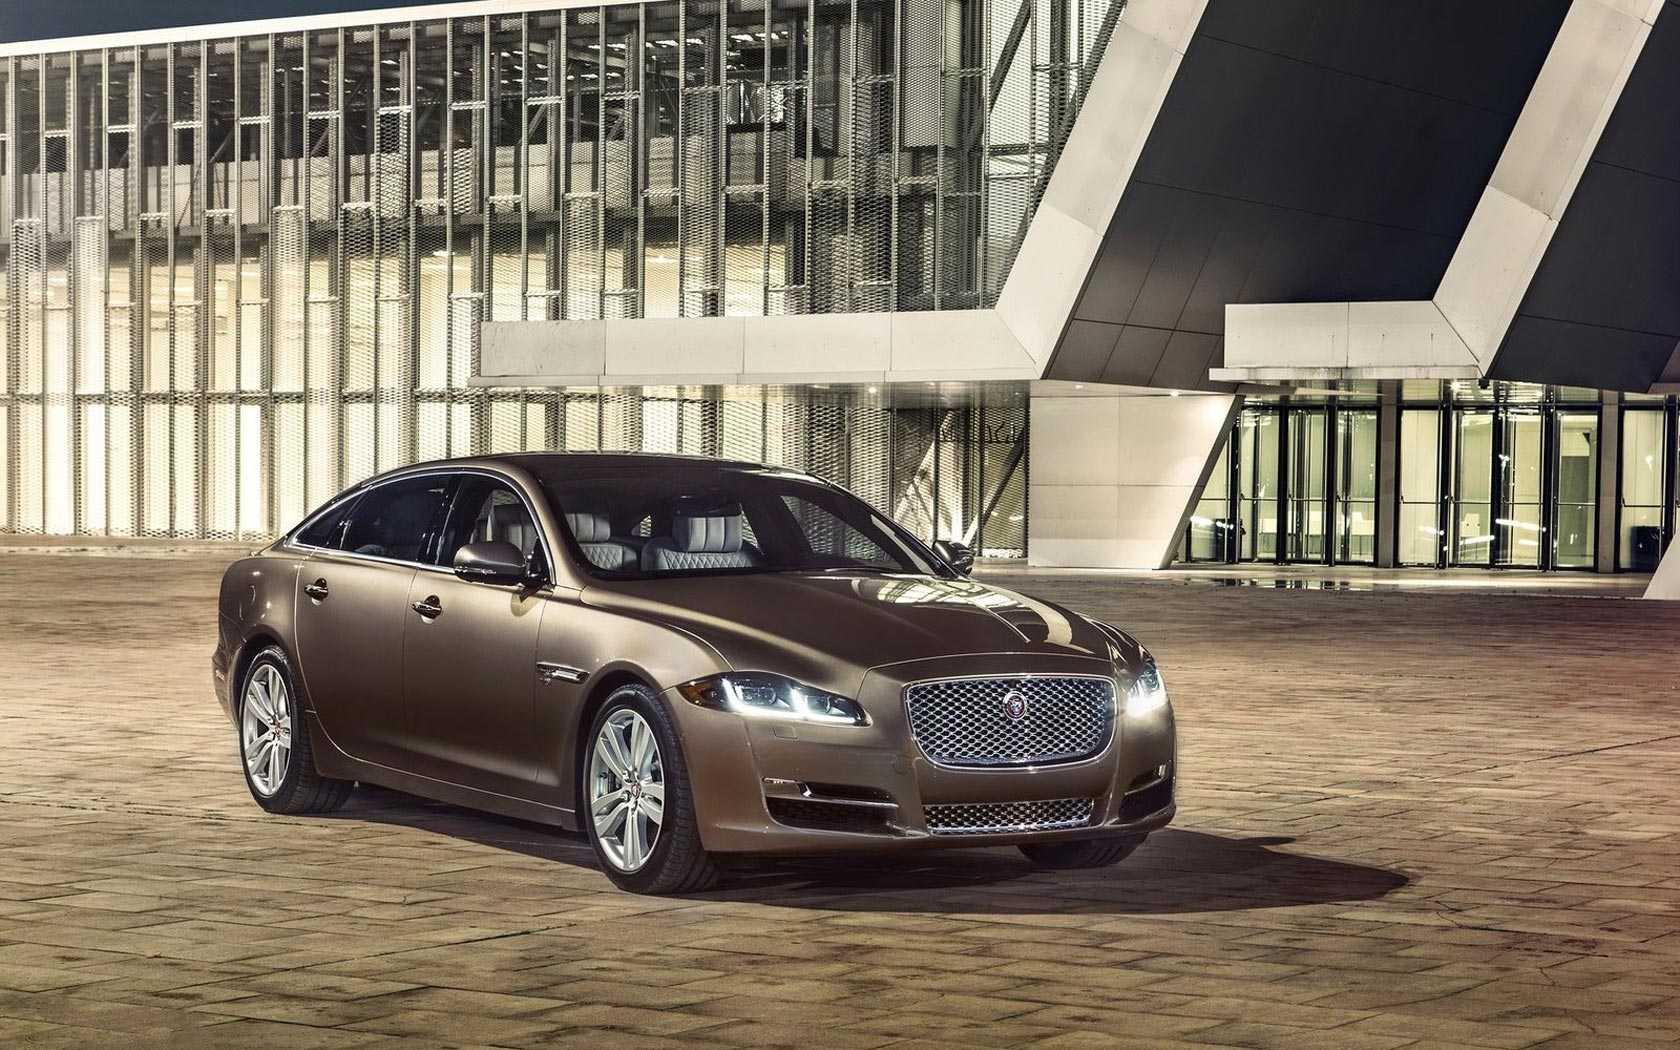 Jaguar xj 2010, 2011, 2012, 2013, 2014, седан, 9 поколение, x351 технические характеристики и комплектации